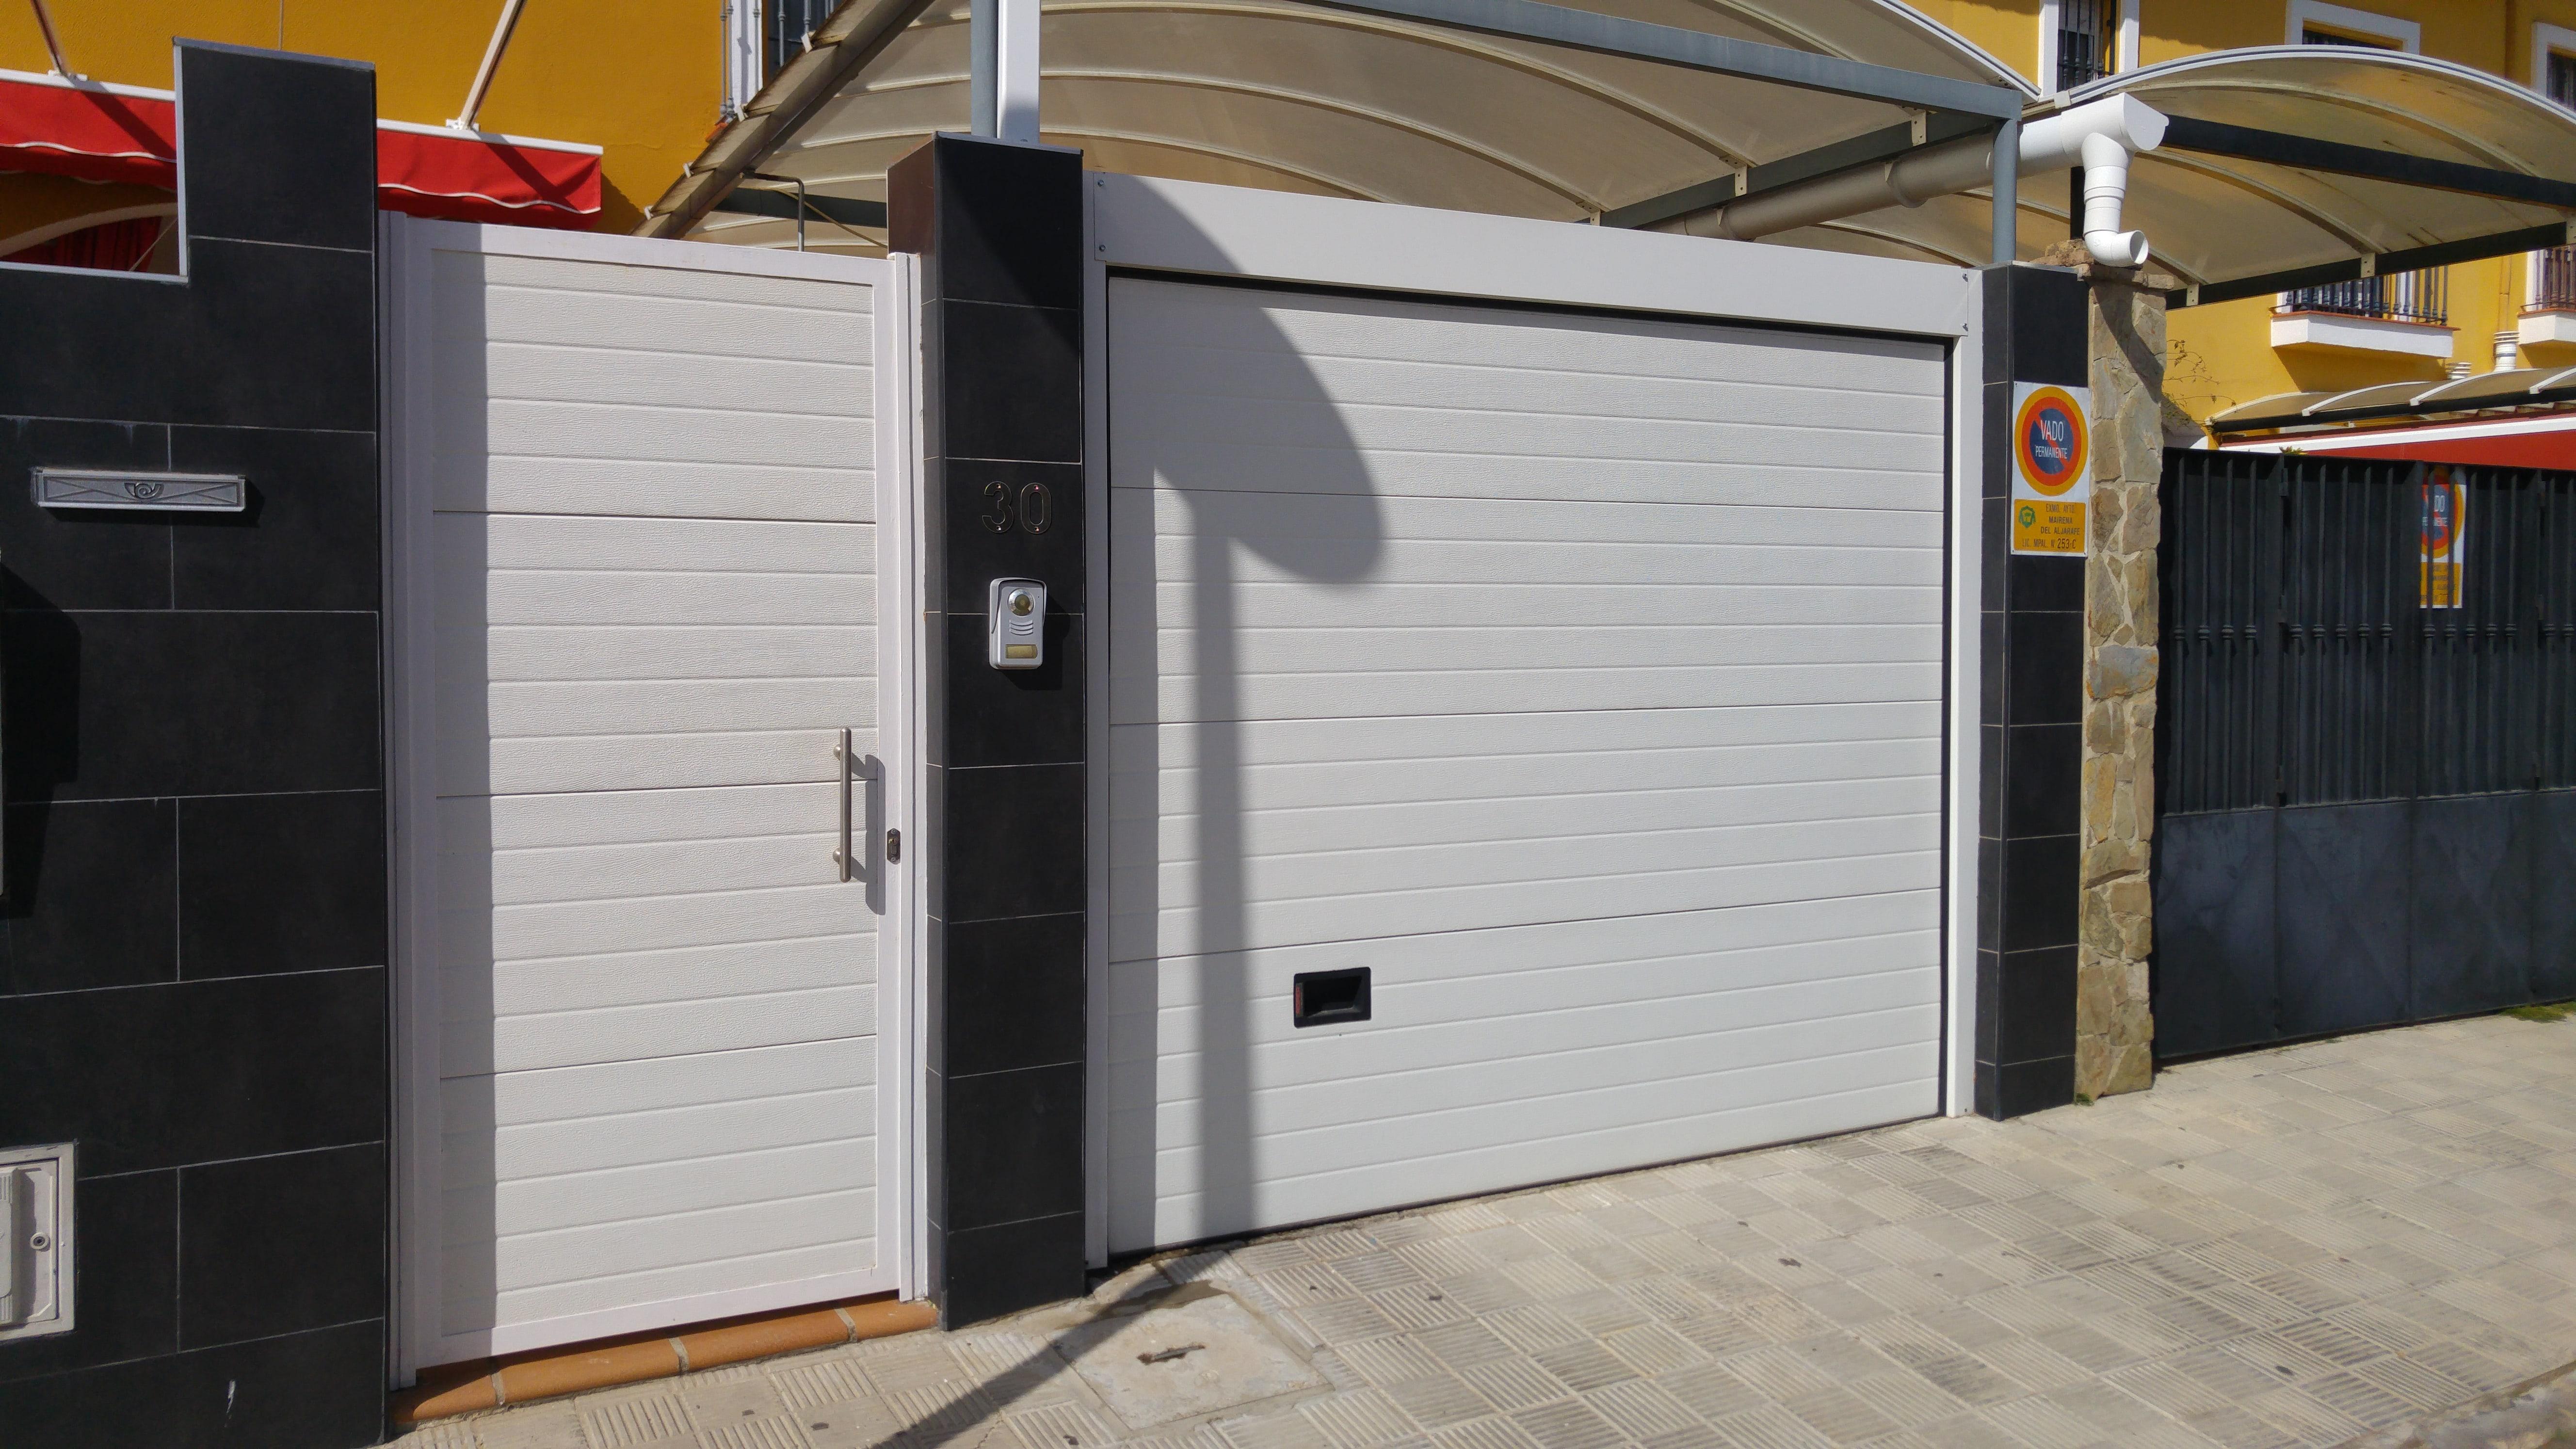 Puertas automaticas garaje precios cool cerrajera icod carpintera metlica econmica en santa - Puertas automaticas garaje precios ...